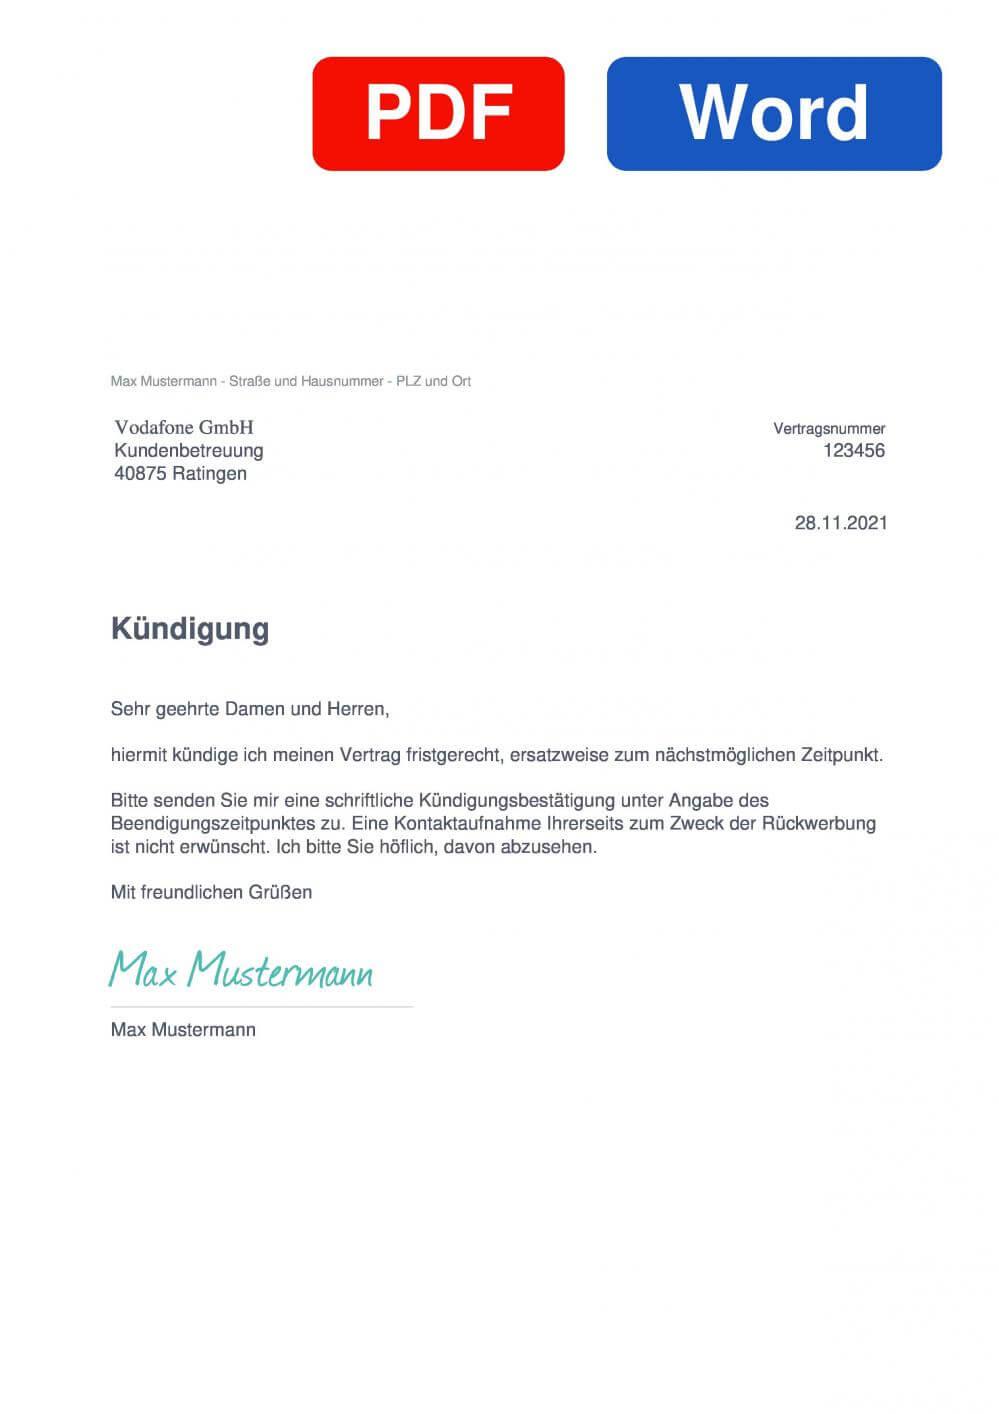 Vodafone Gigacube Muster Vorlage für Kündigungsschreiben